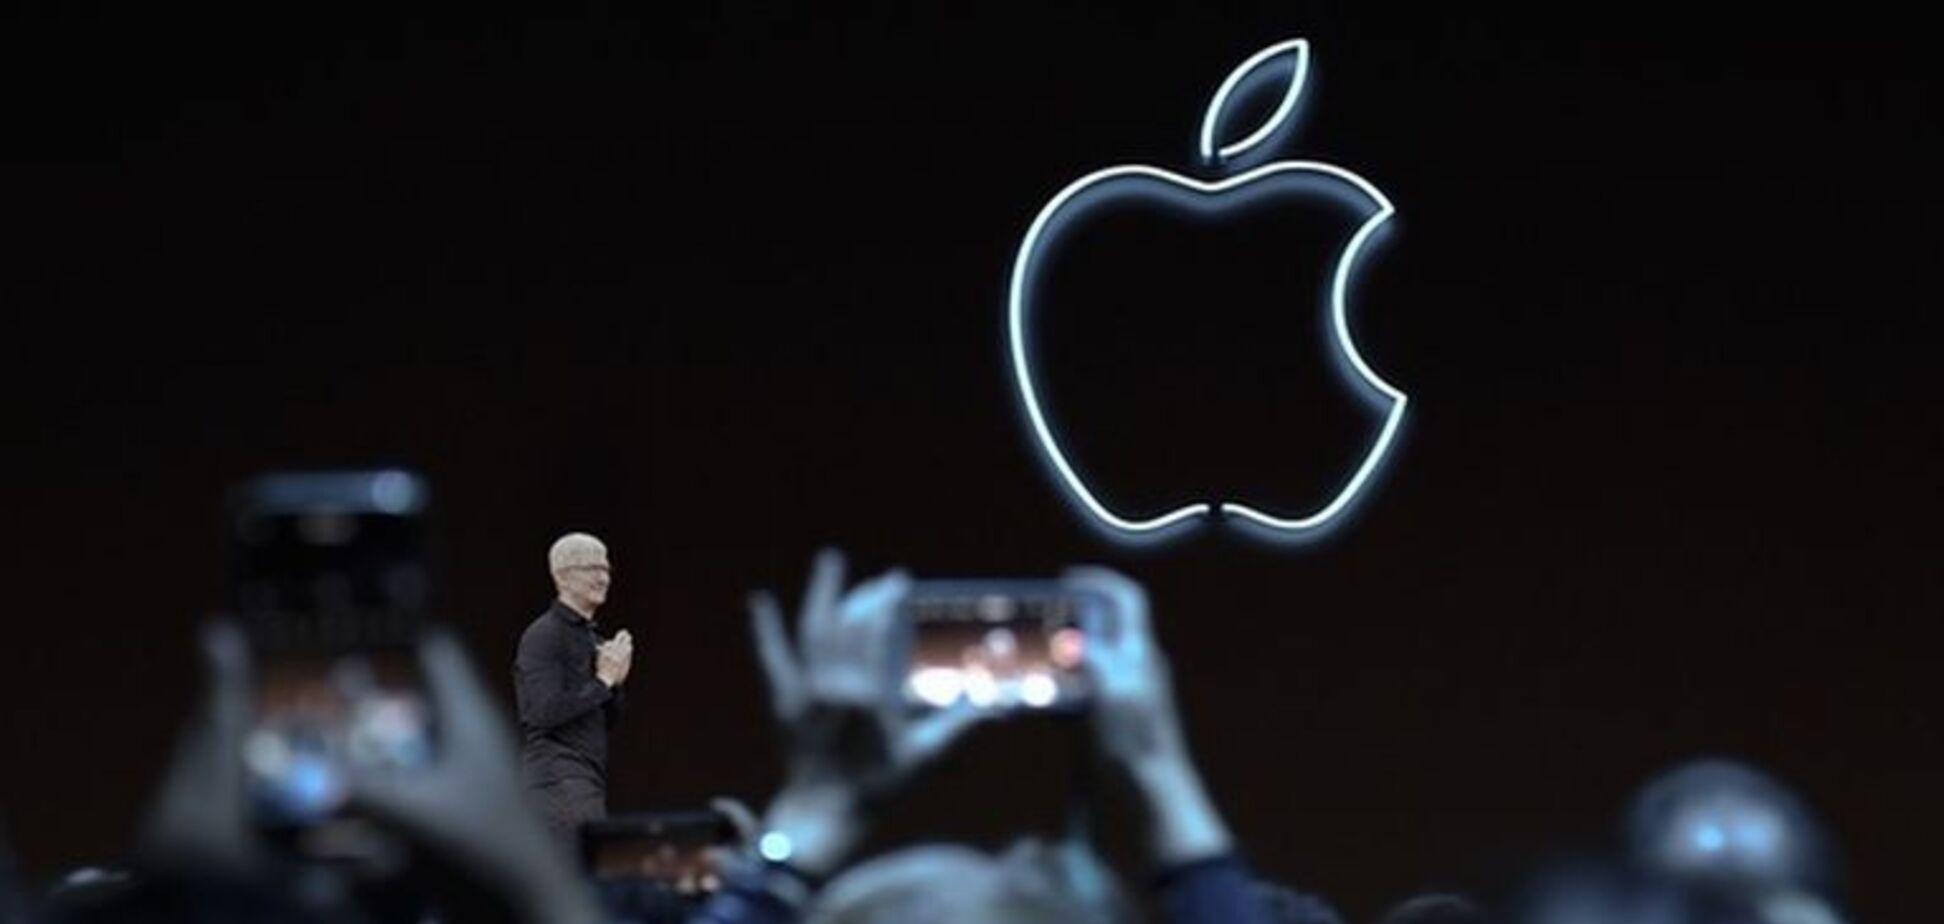 Стало известно о большом сюрпризе Apple: что покажут на презентации